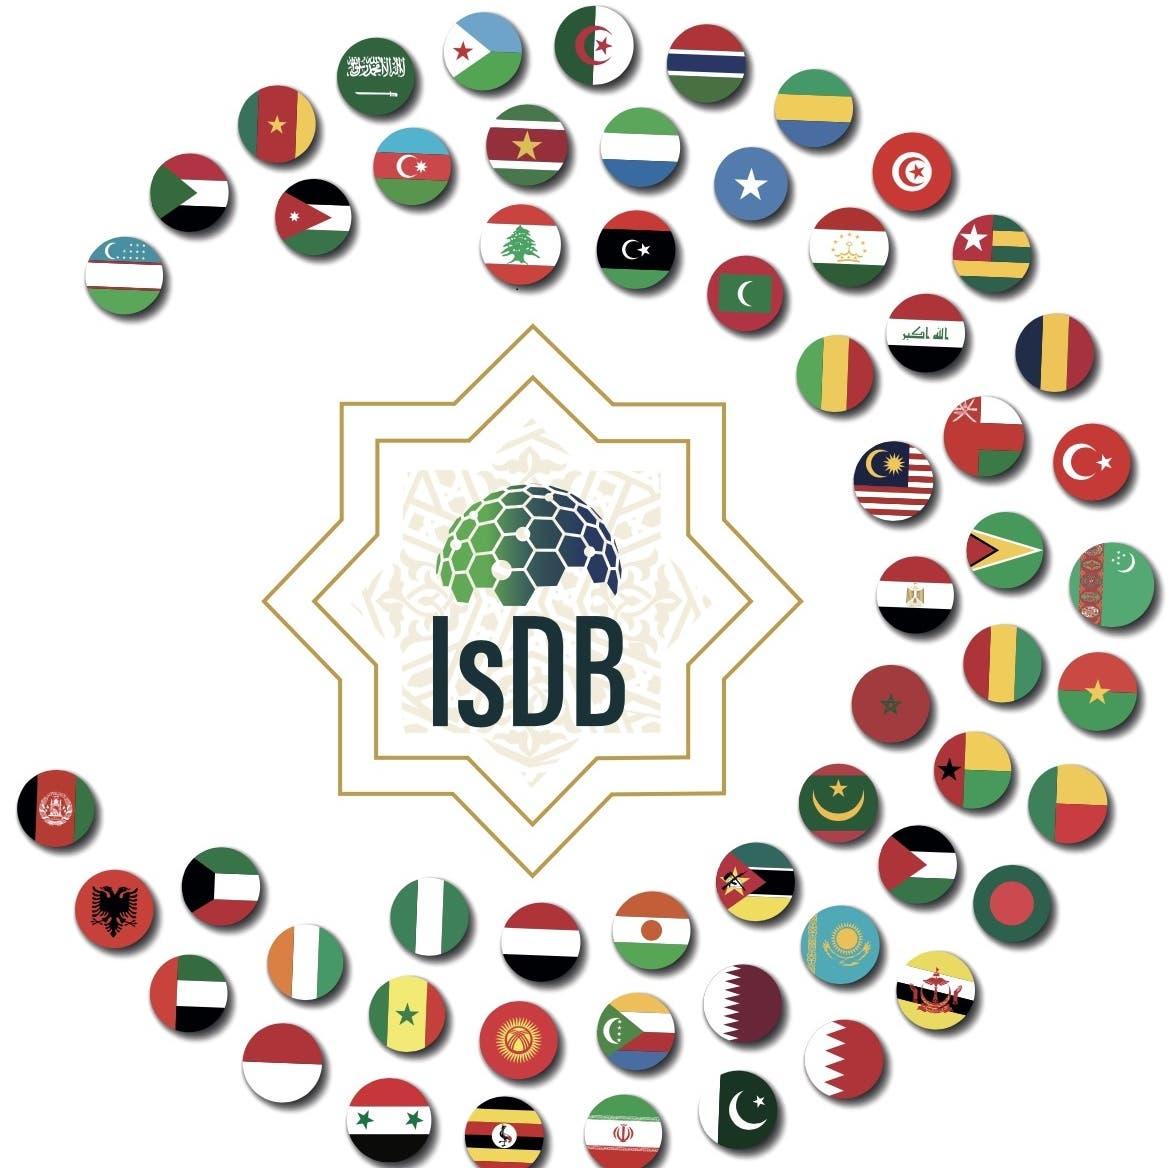 البنك الإسلامي للتنمية يعين بنوكا لإصدار سندات مدتها خمس سنوات